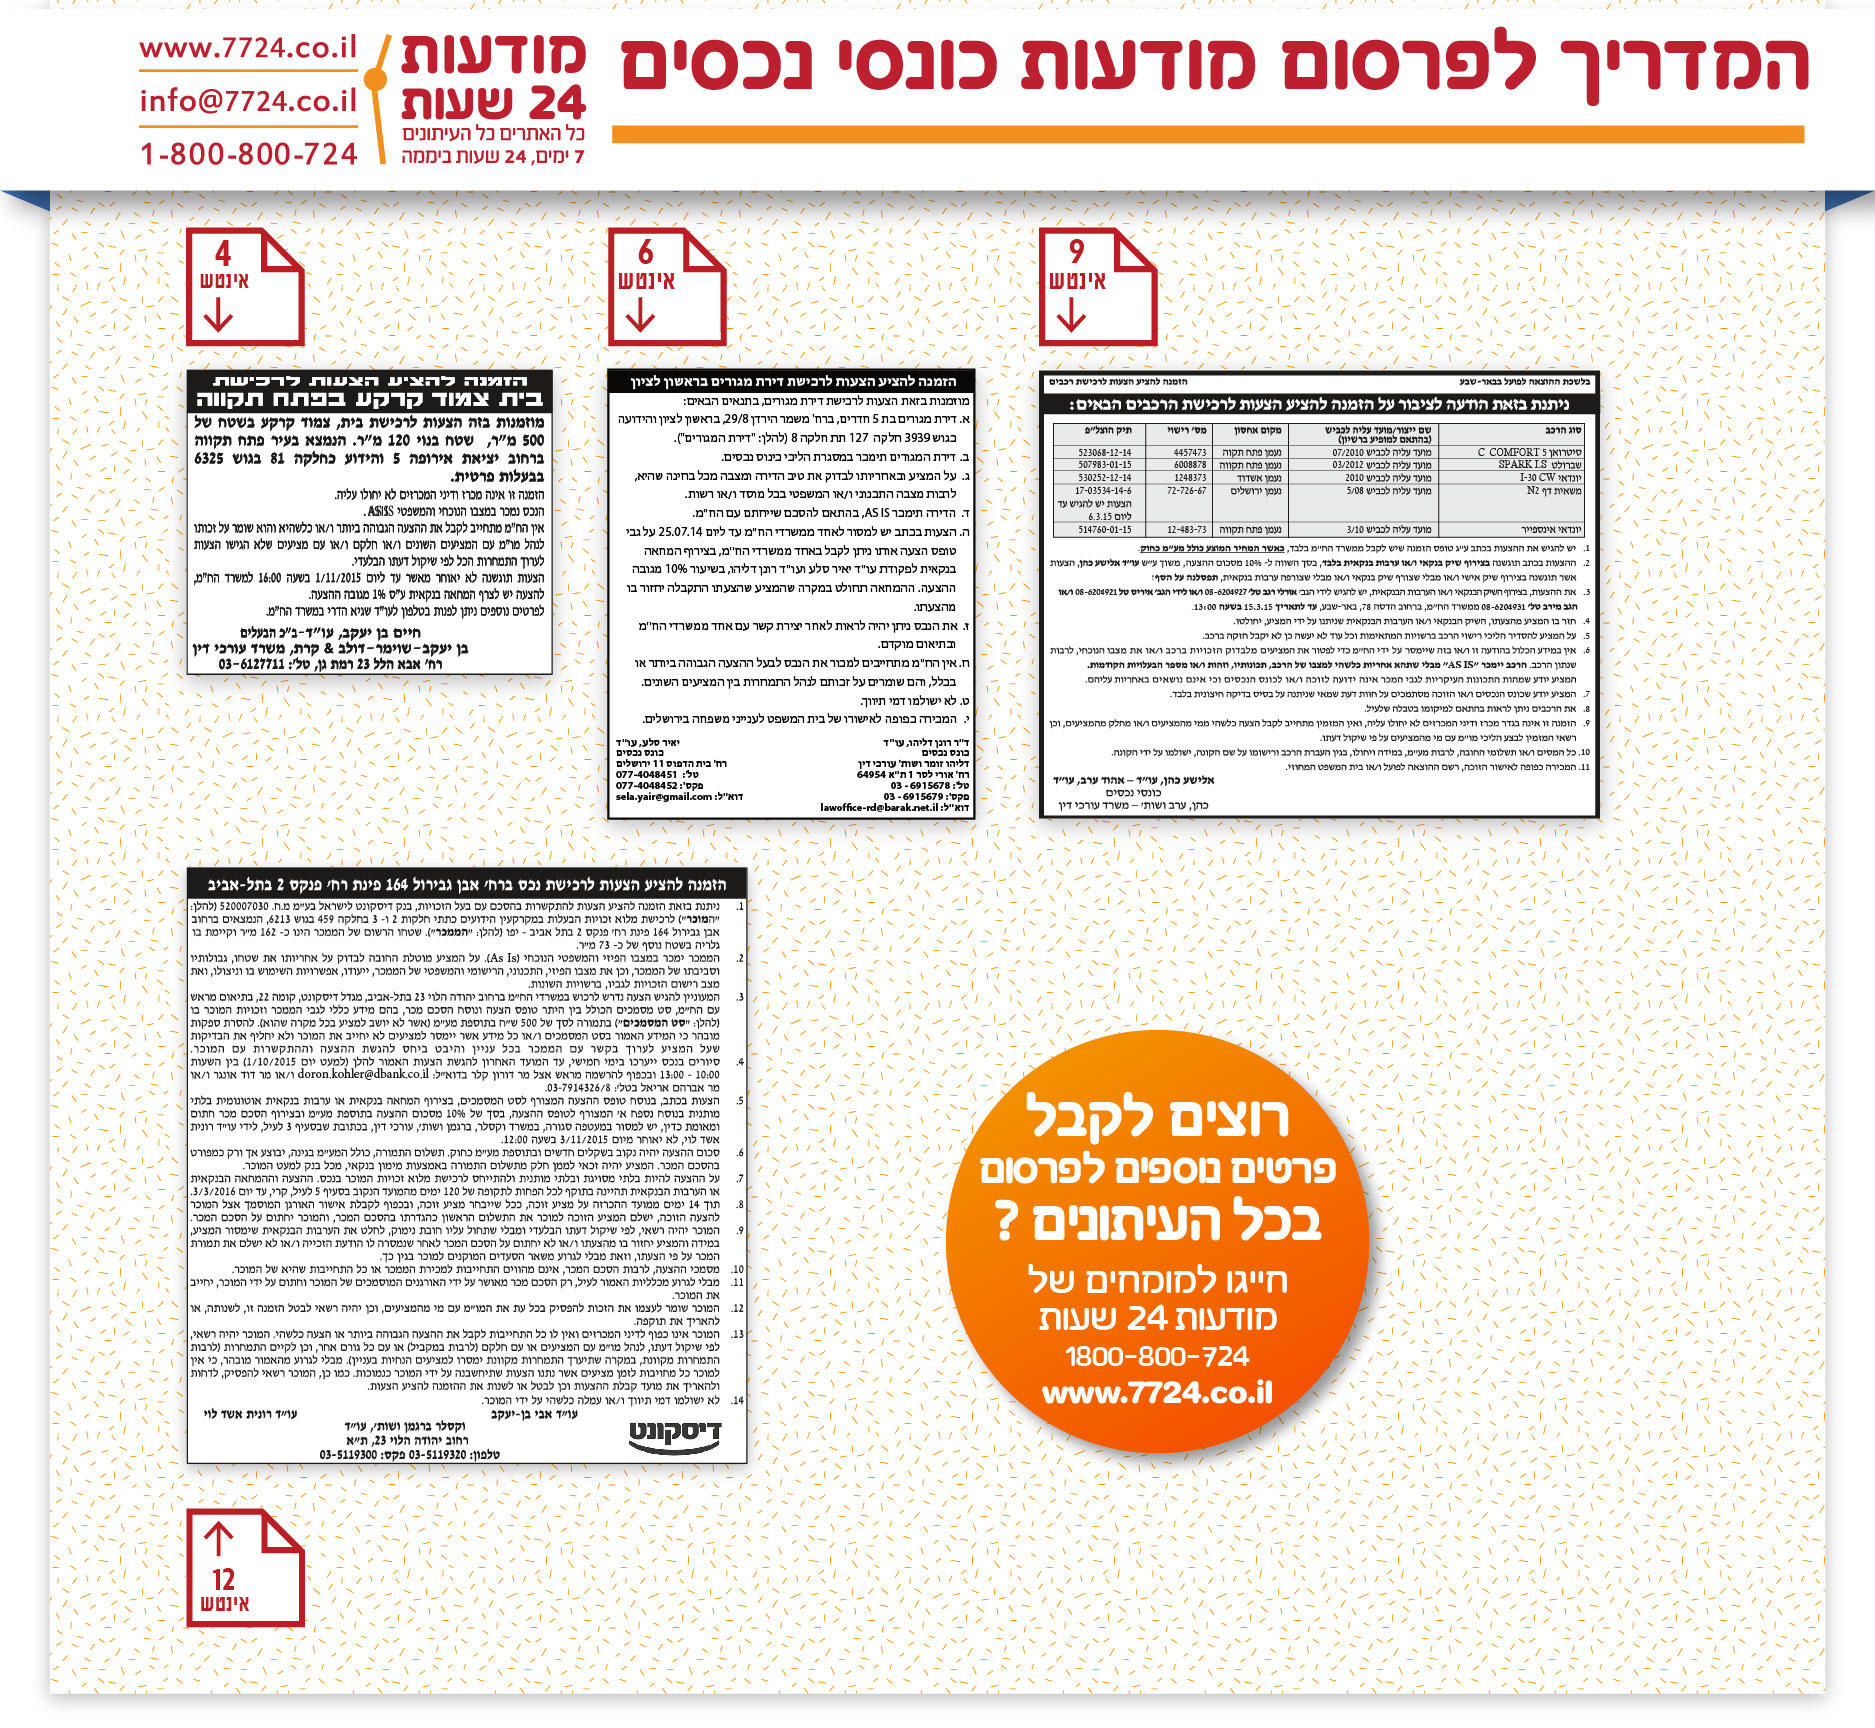 עדכון מעודכן מודעות כונס נכסים בעיתון - 1800-800-724- מודעות 24 המשרד הגדול בישראל VG-59